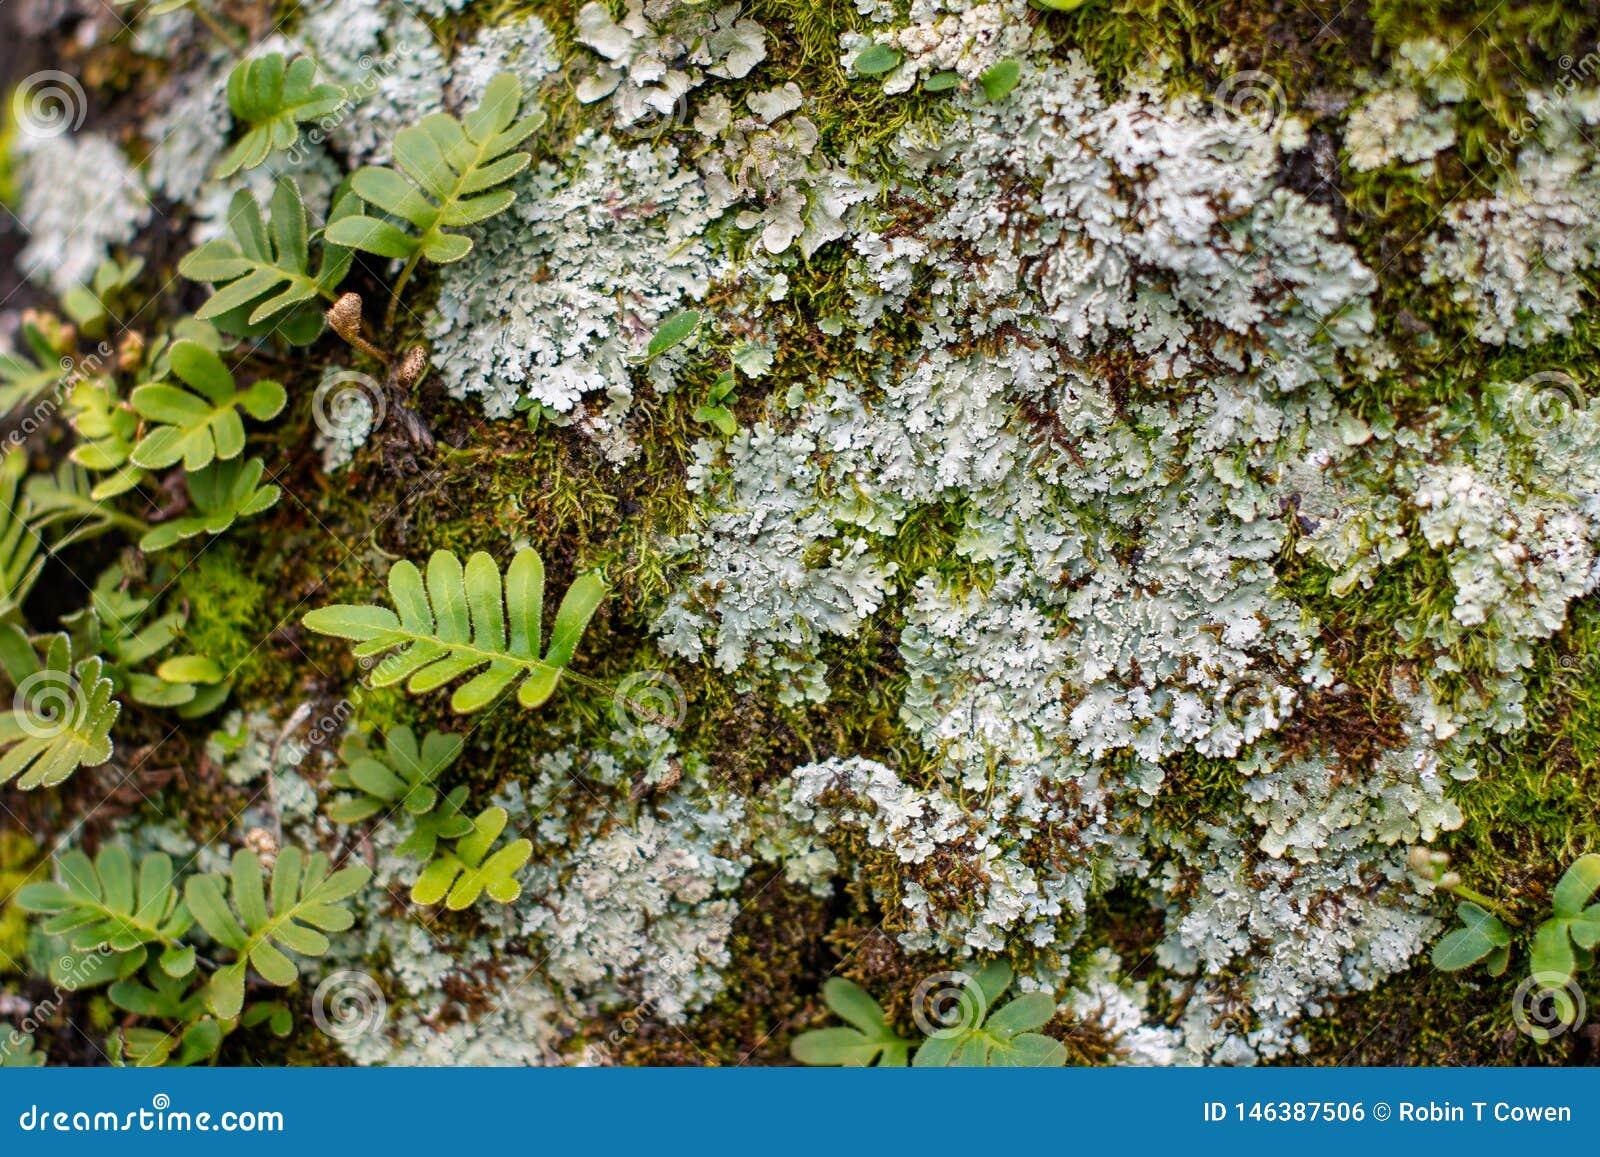 Zacht Geconcentreerd Varen, Korstmos en Moss Background